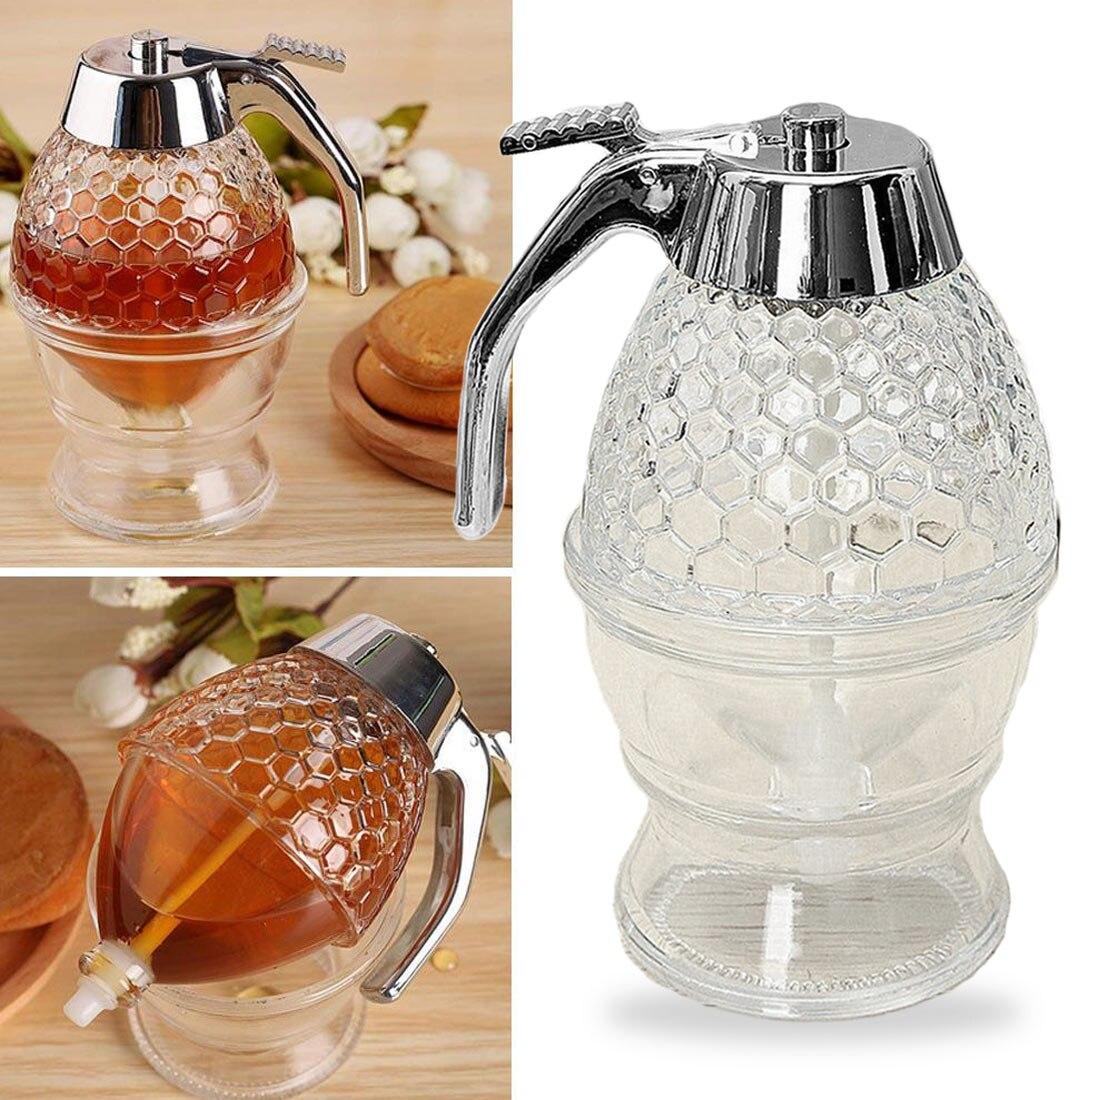 Dispensador portátil de jarabe de miel de 200ml botella de panal de miel dispensador de apretar Mini jugo jarabe taza dispensador de goteo de abeja